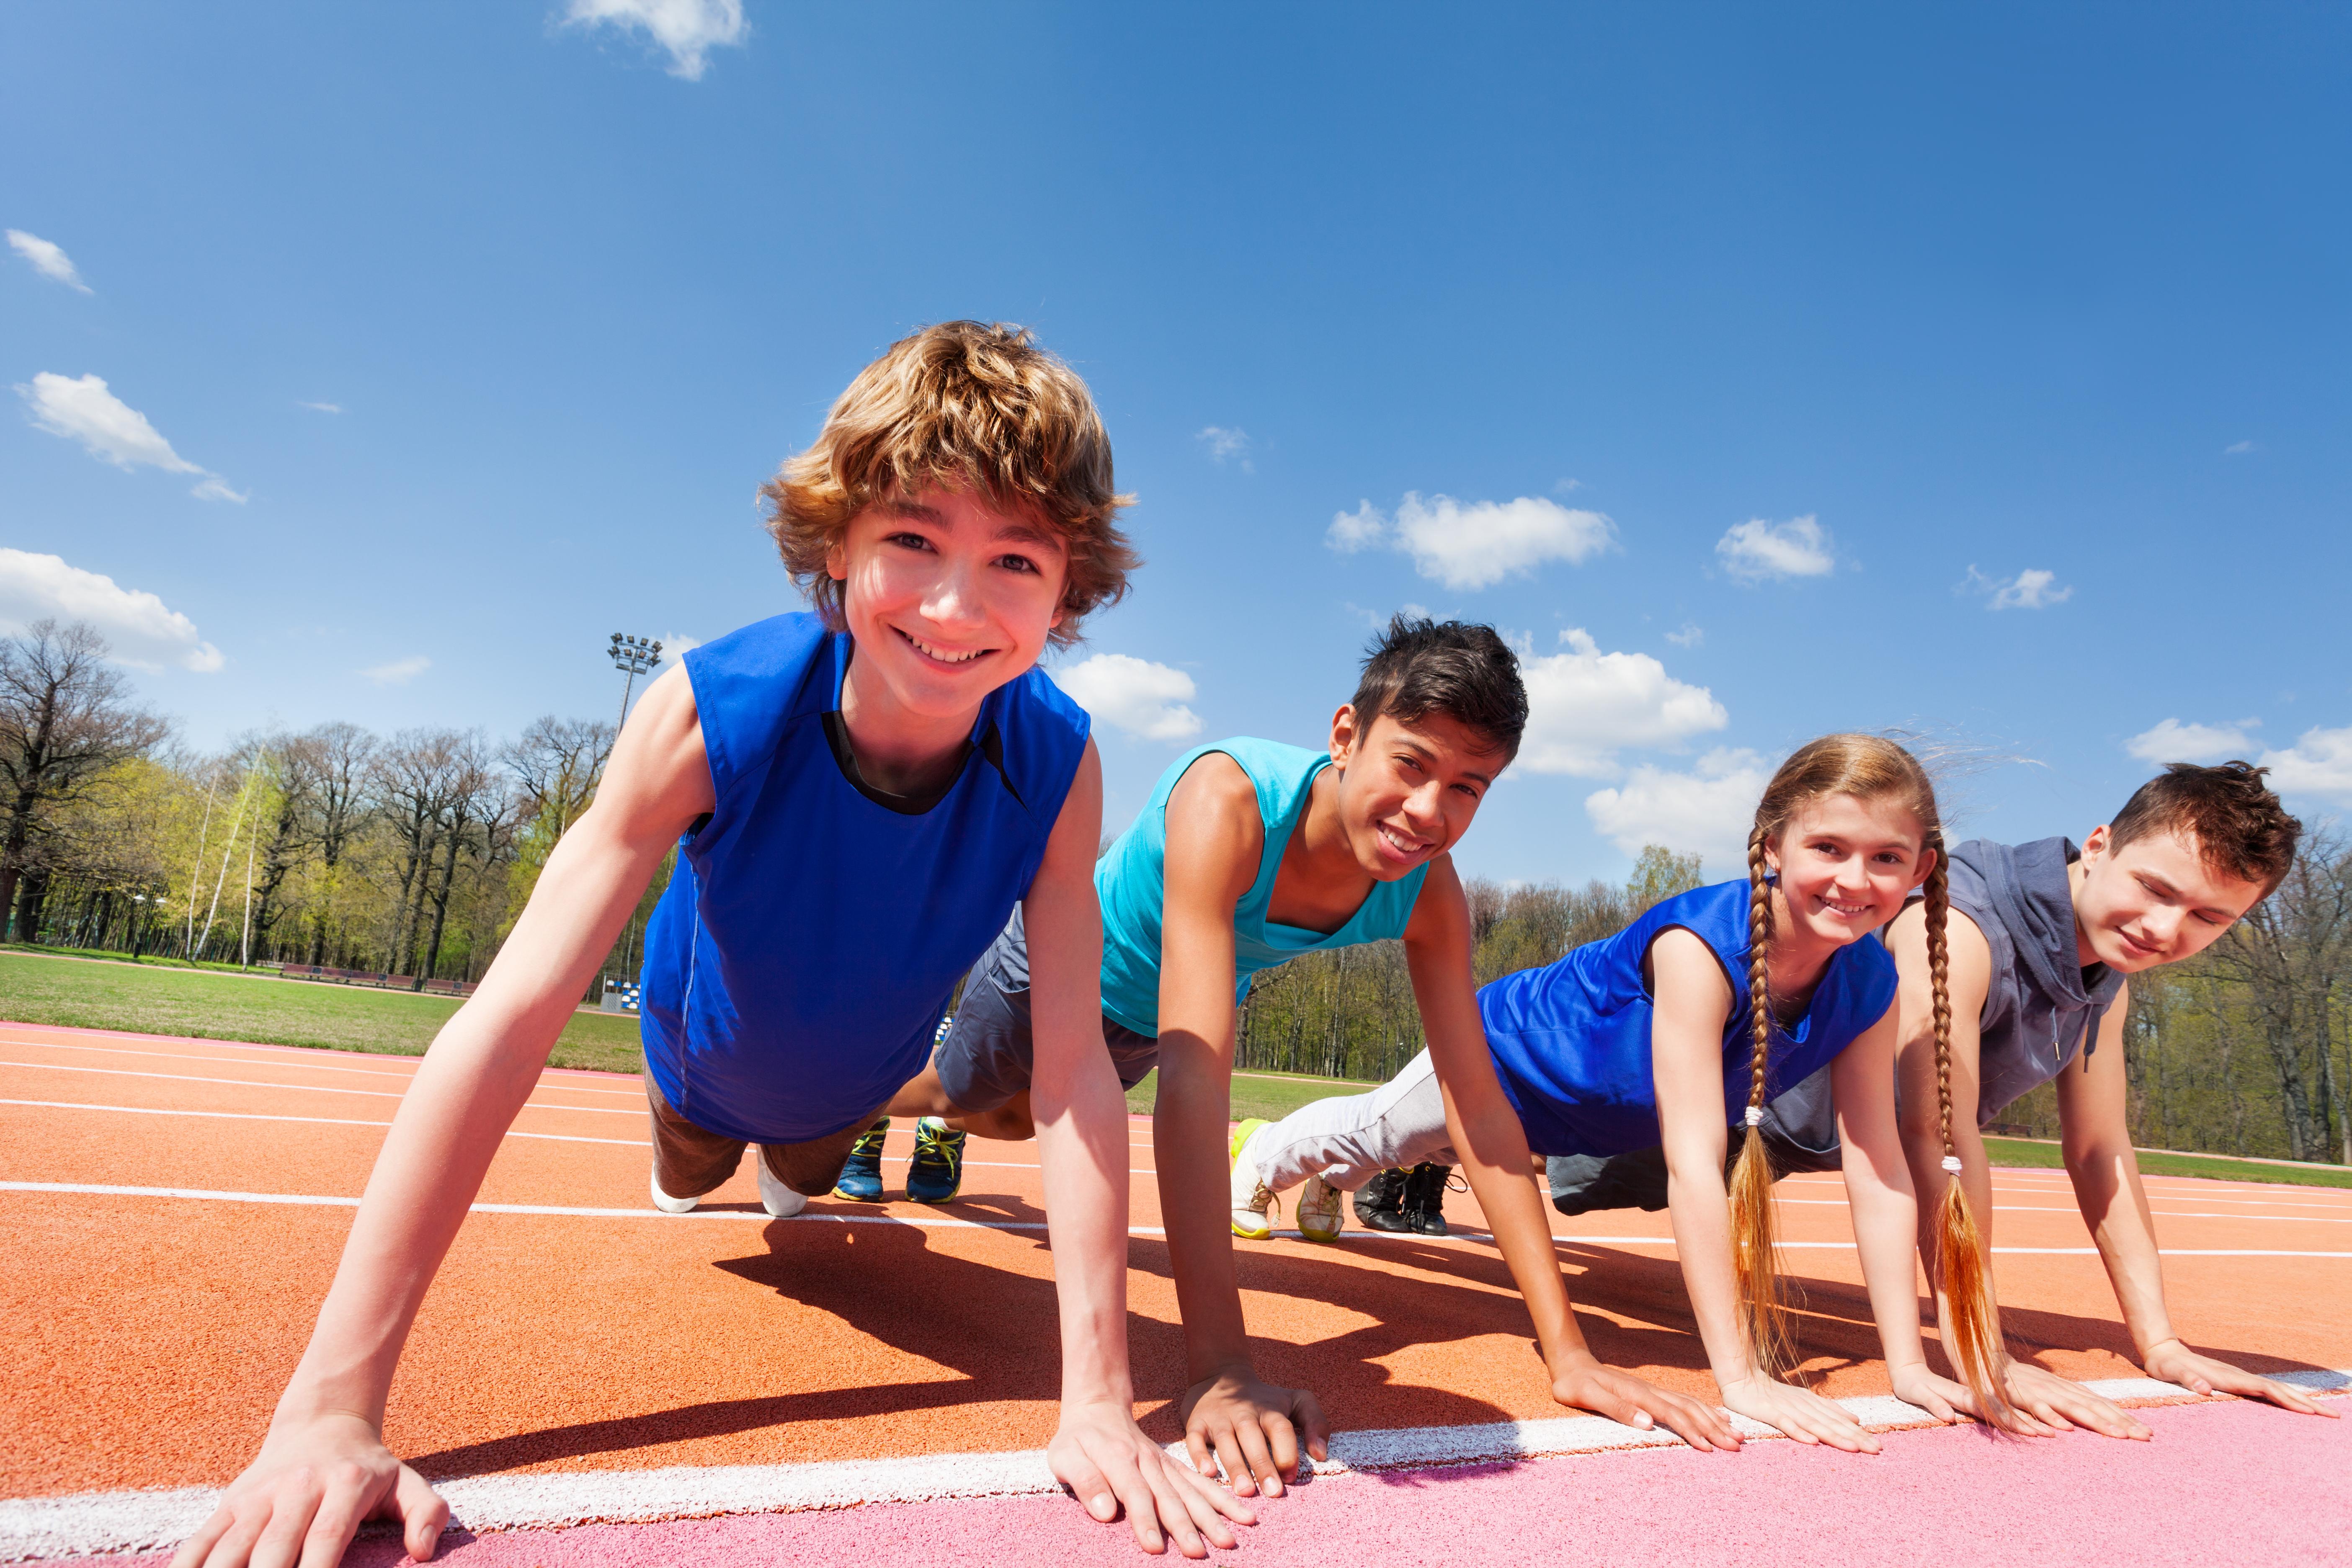 Який спорт підходить підлітку: правильний гід по тренуванню